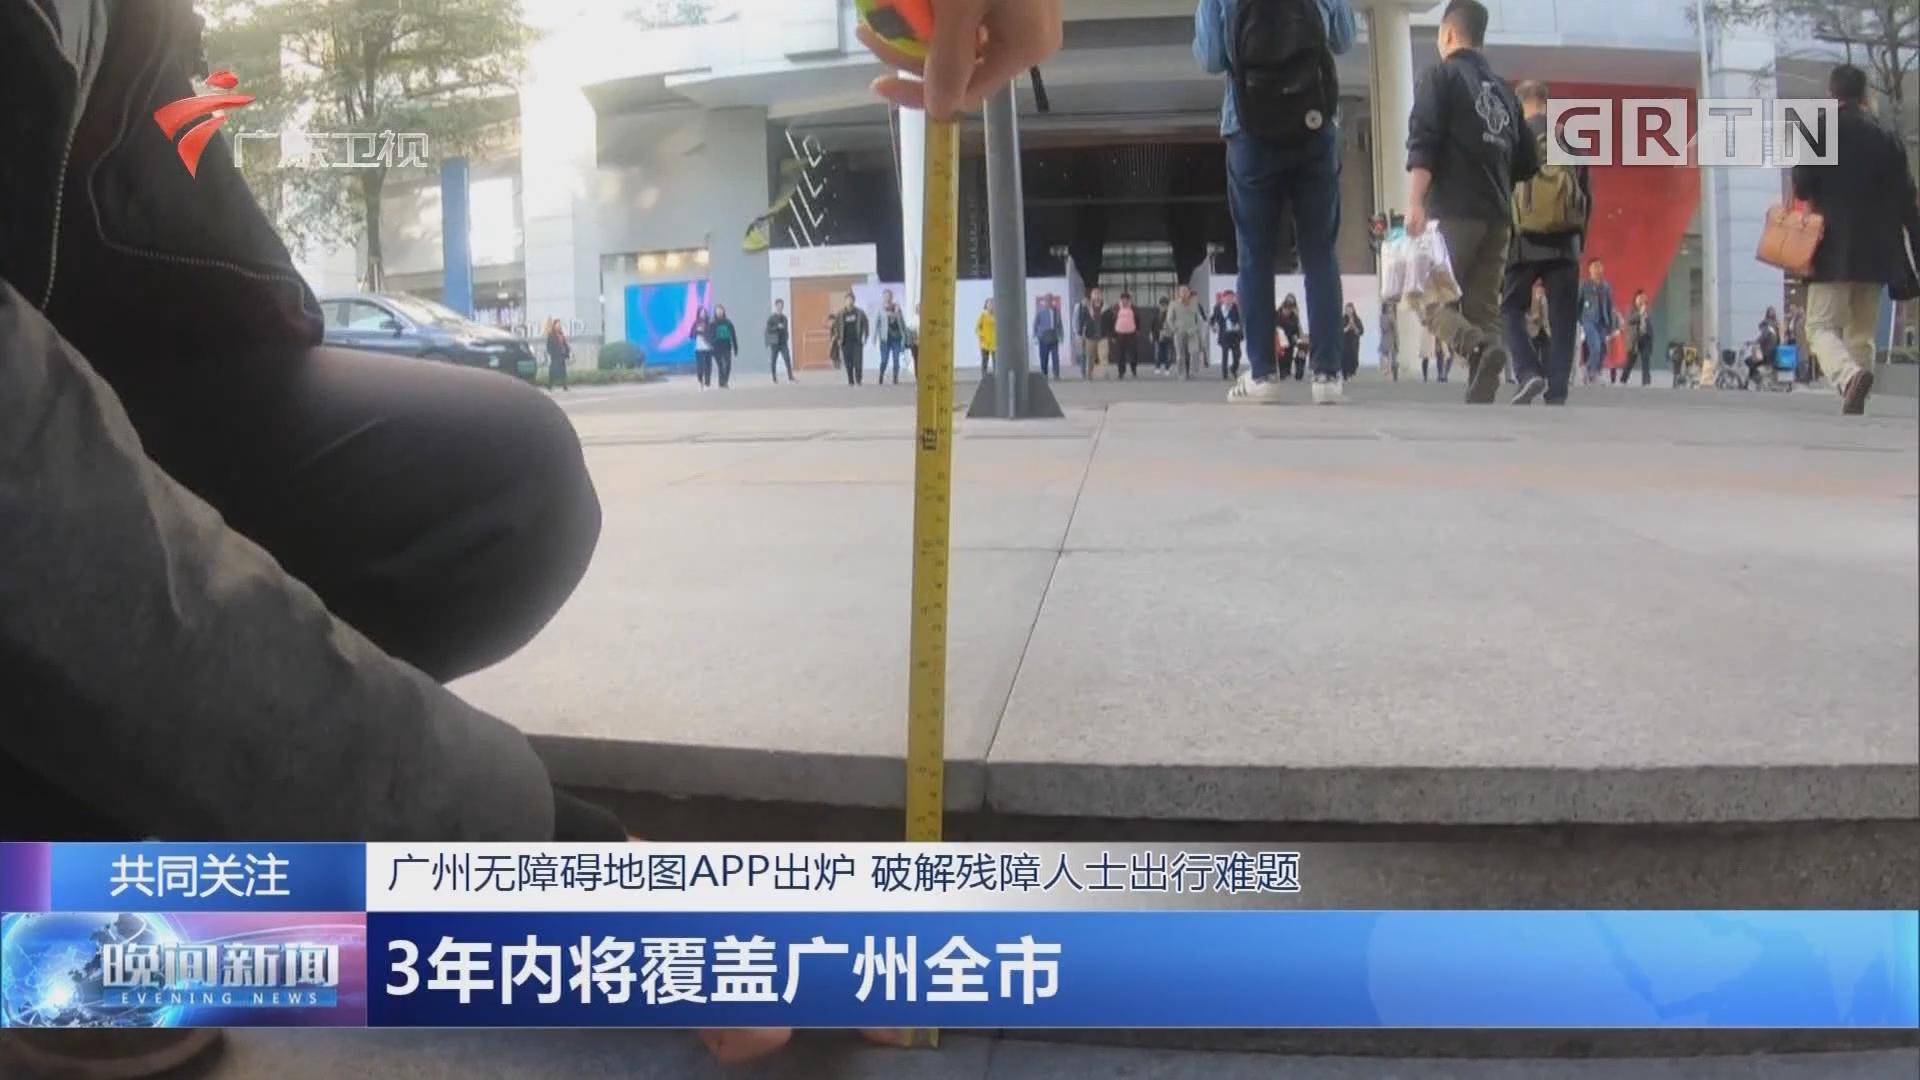 广州无障碍地图APP出炉 破解残障人士出行难题 3年内将覆盖广州全市